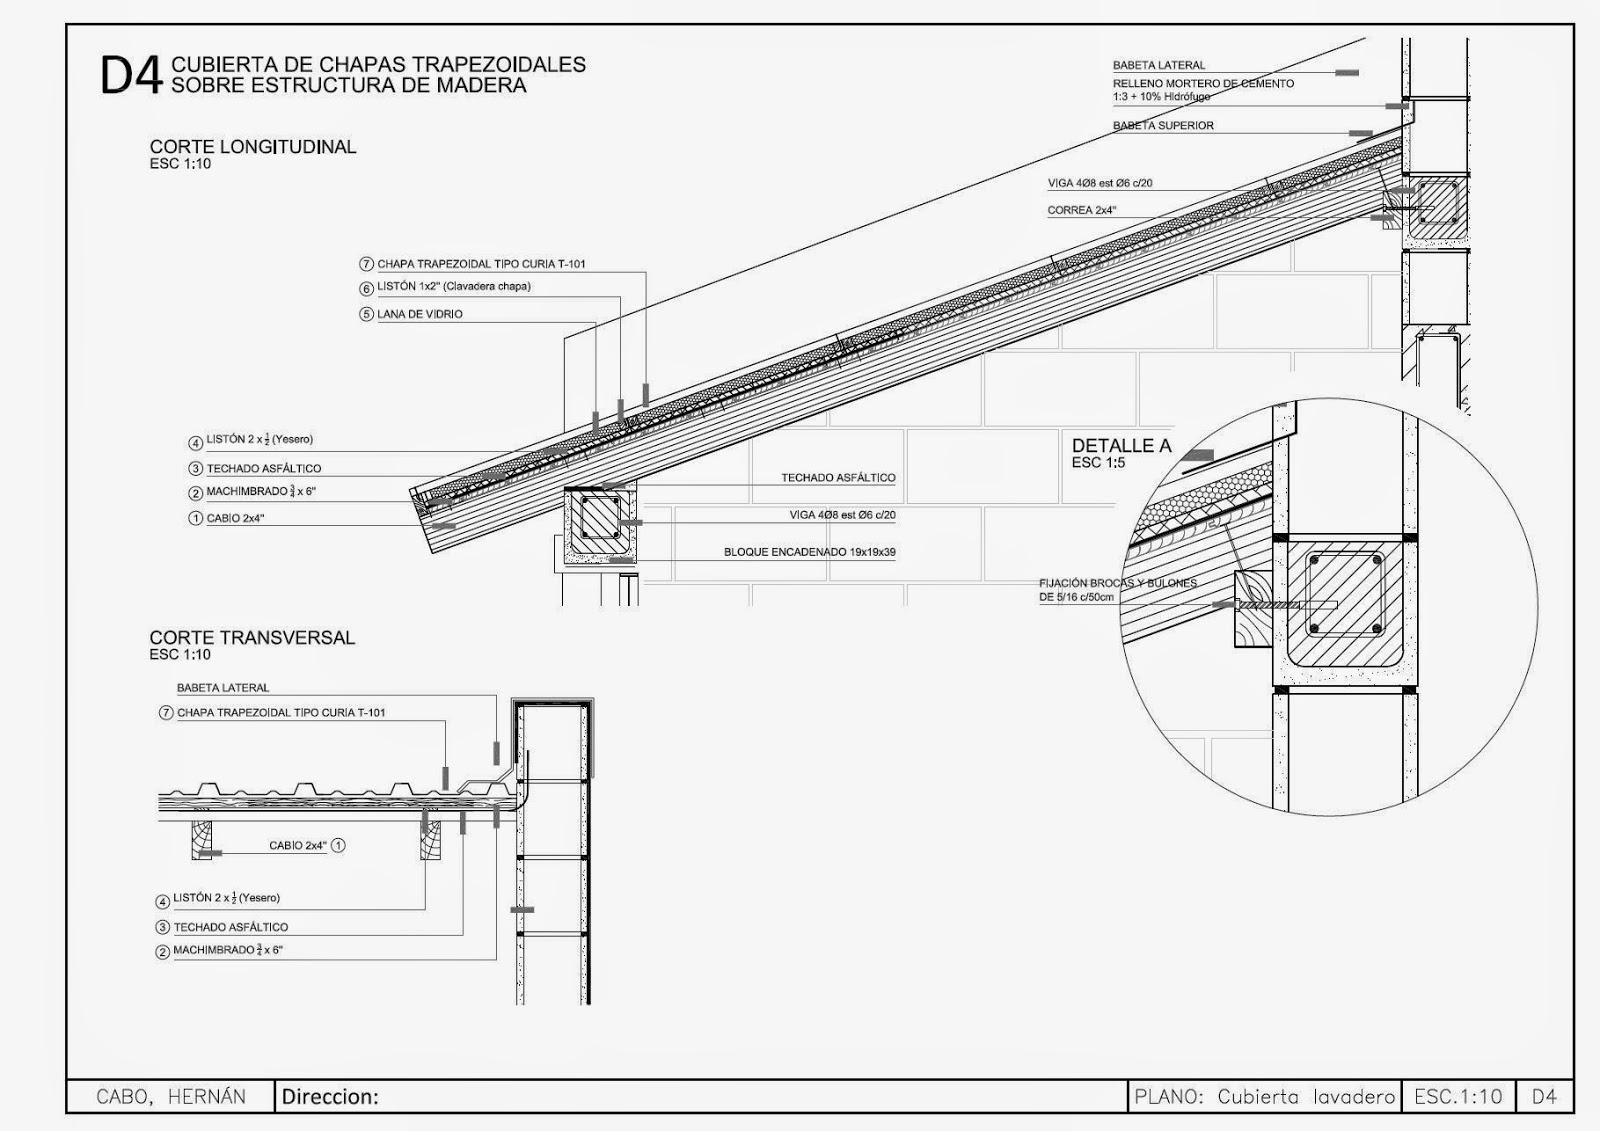 Detalles constructivos cad detalle cubierta met lica con estructura de madera - Detalle constructivo techo ...